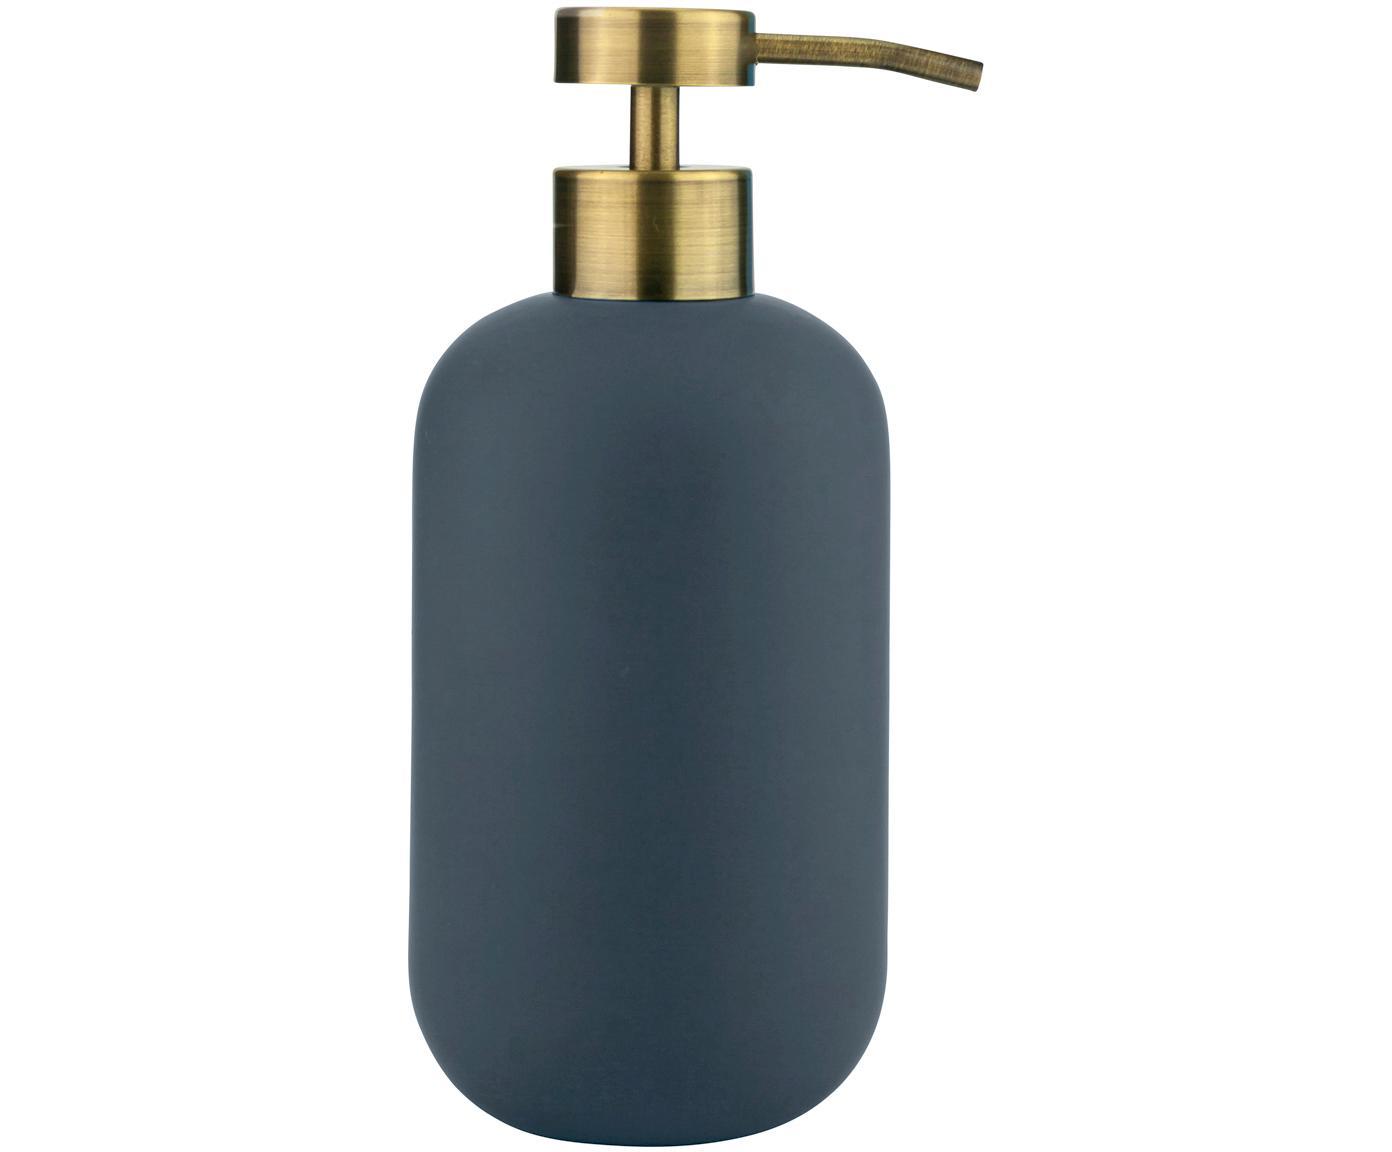 Dosatore di sapone Lotus, Contenitore: ceramica, Testa della pompa: metallo, rivestito, Blu, ottone, Ø 8 x A 18 cm